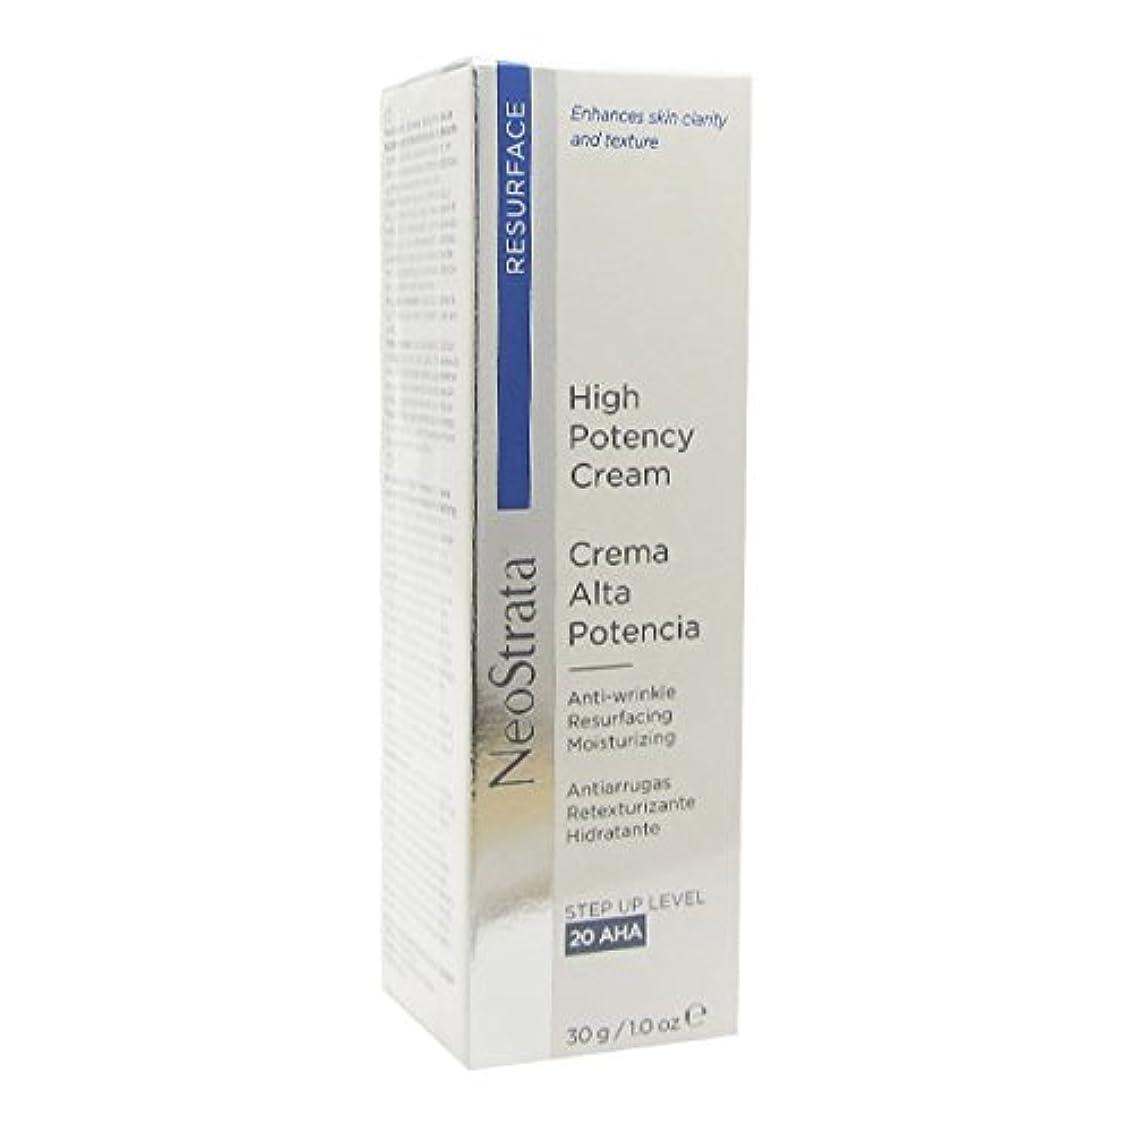 最後のプレゼンター処分したNeostrata High Potency Cream Anti-wrinkle Resurfacing Moisturizing 30g [並行輸入品]